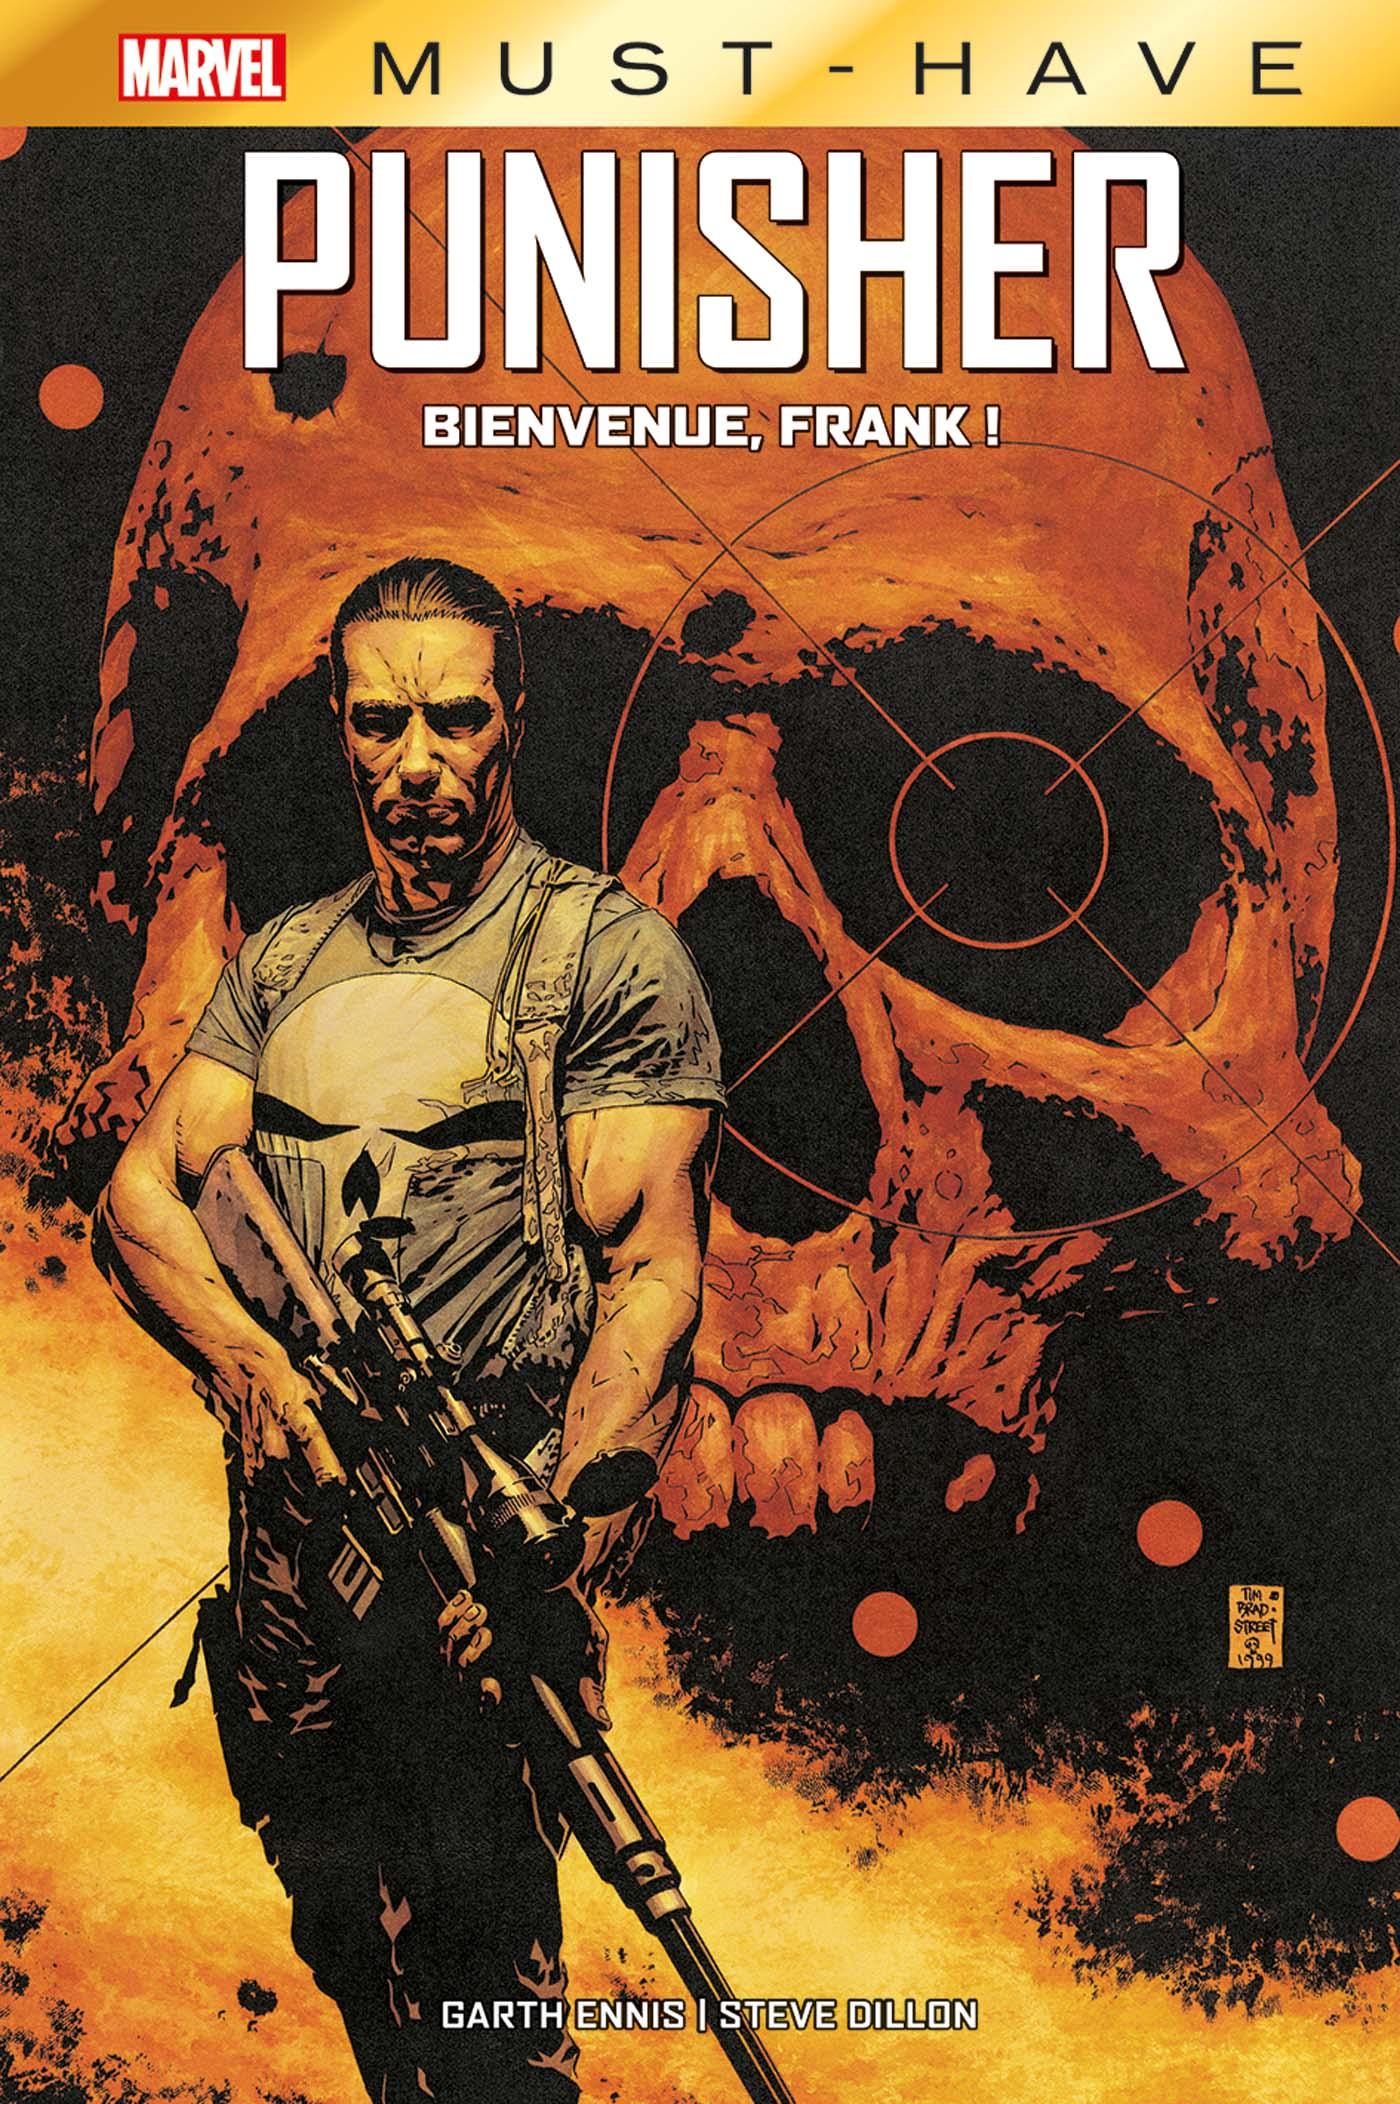 Punisher - Bienvenue, Frank 1